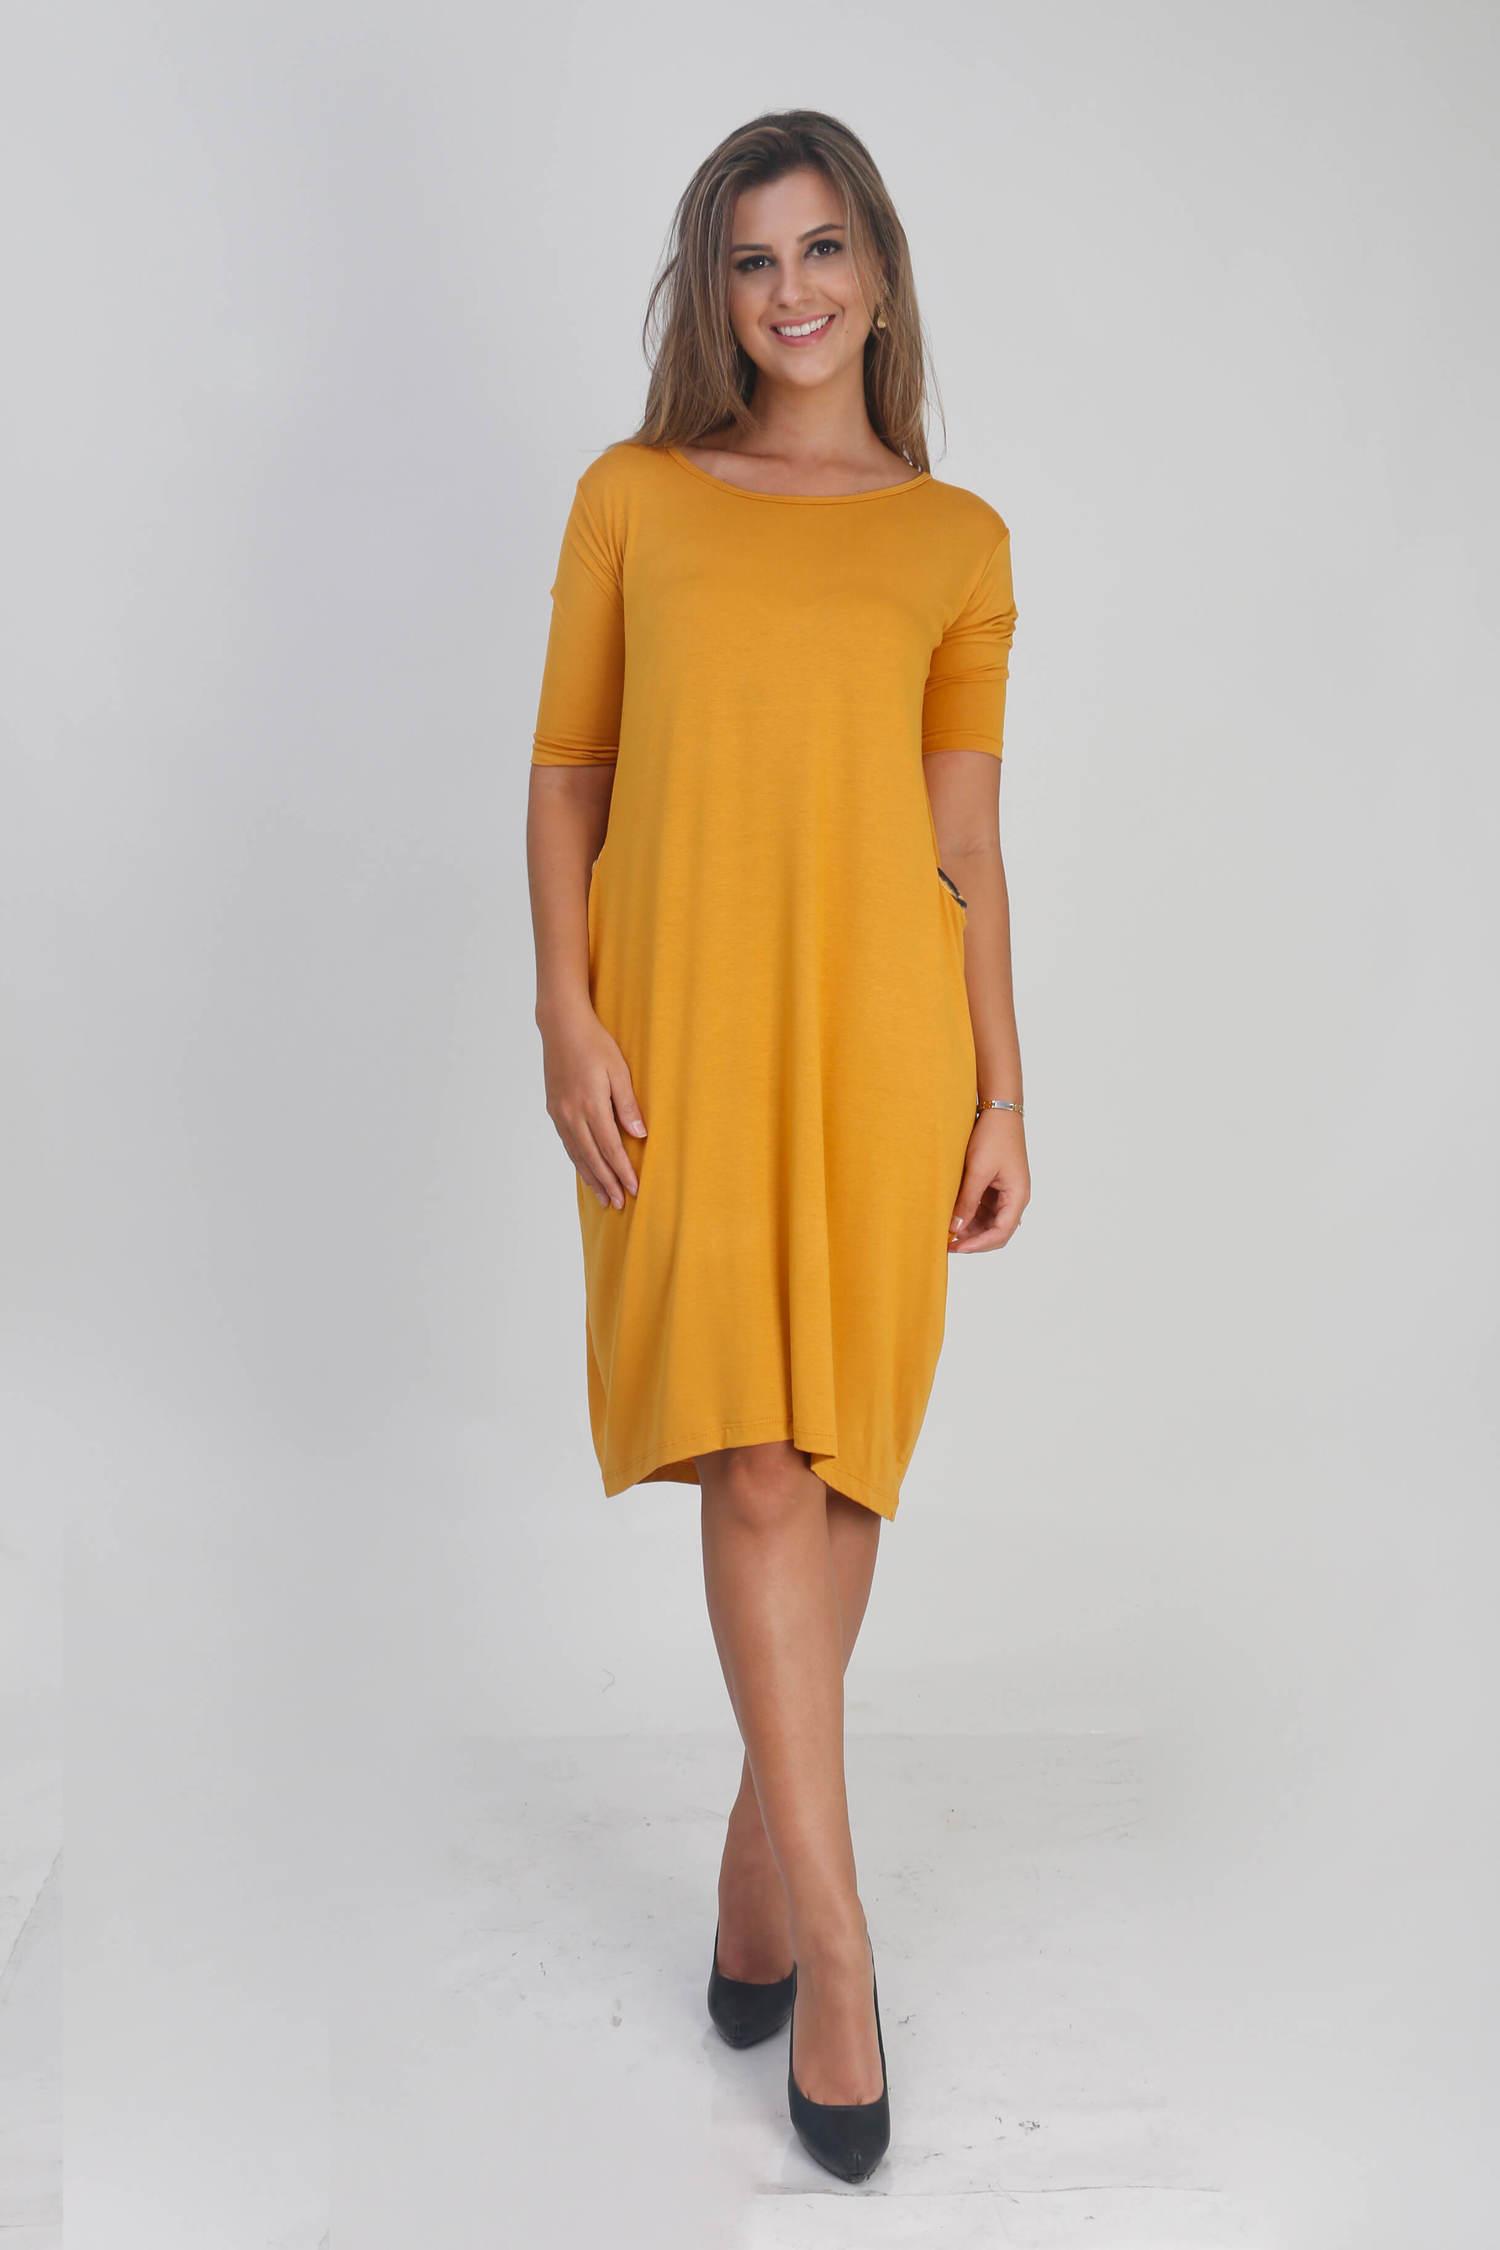 Vestido Bolsos Amarelo